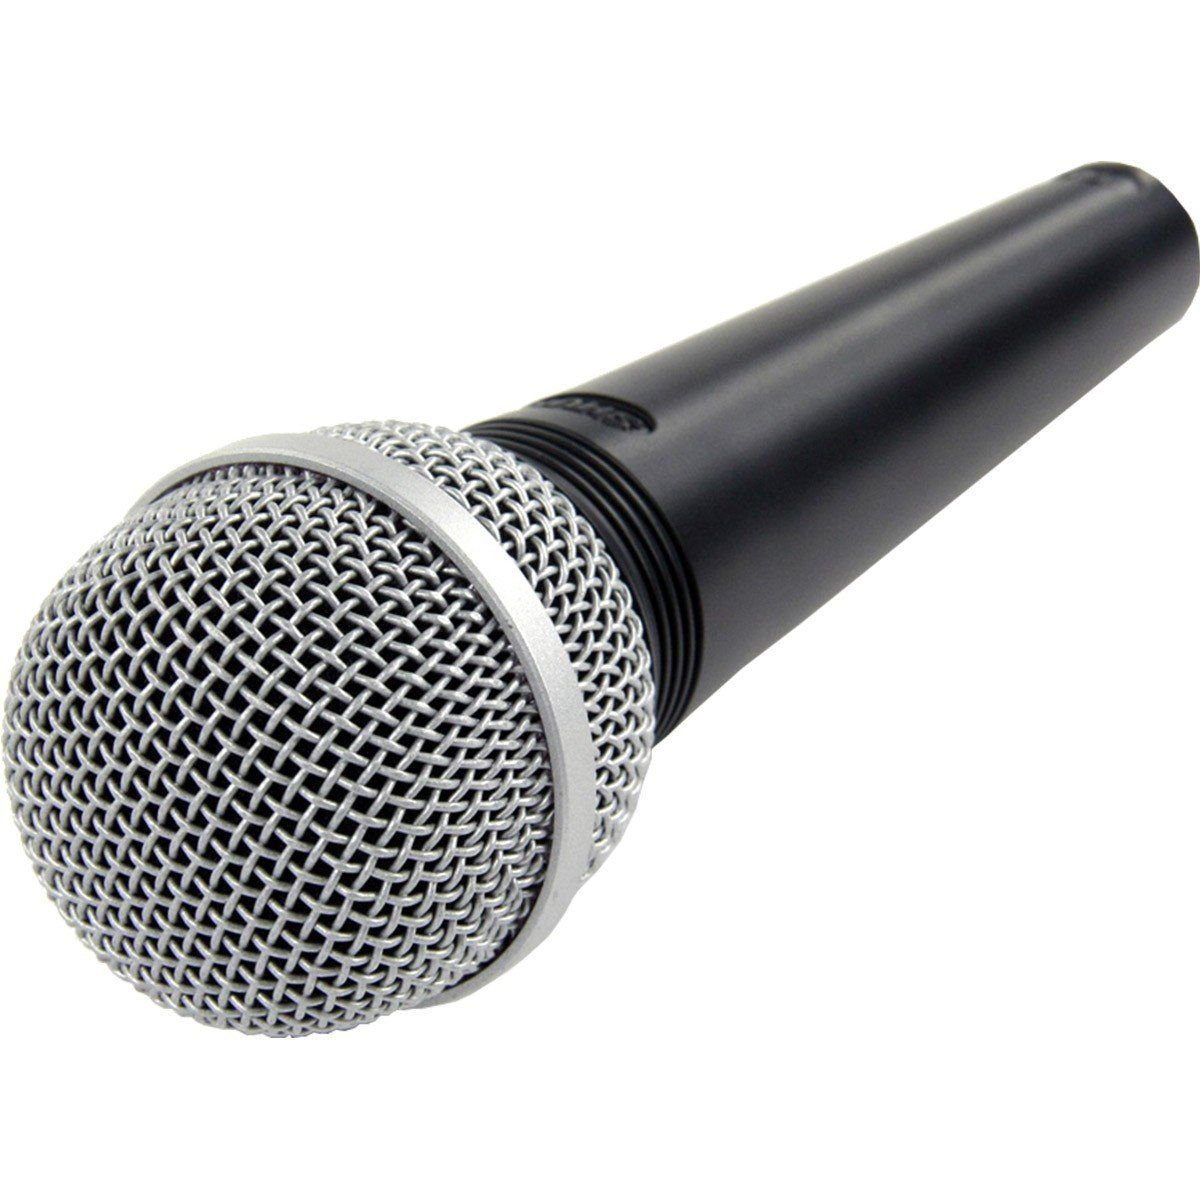 Shure SV100 Microfone Dinâmico Cardioide Shure-SV100 para Vocais